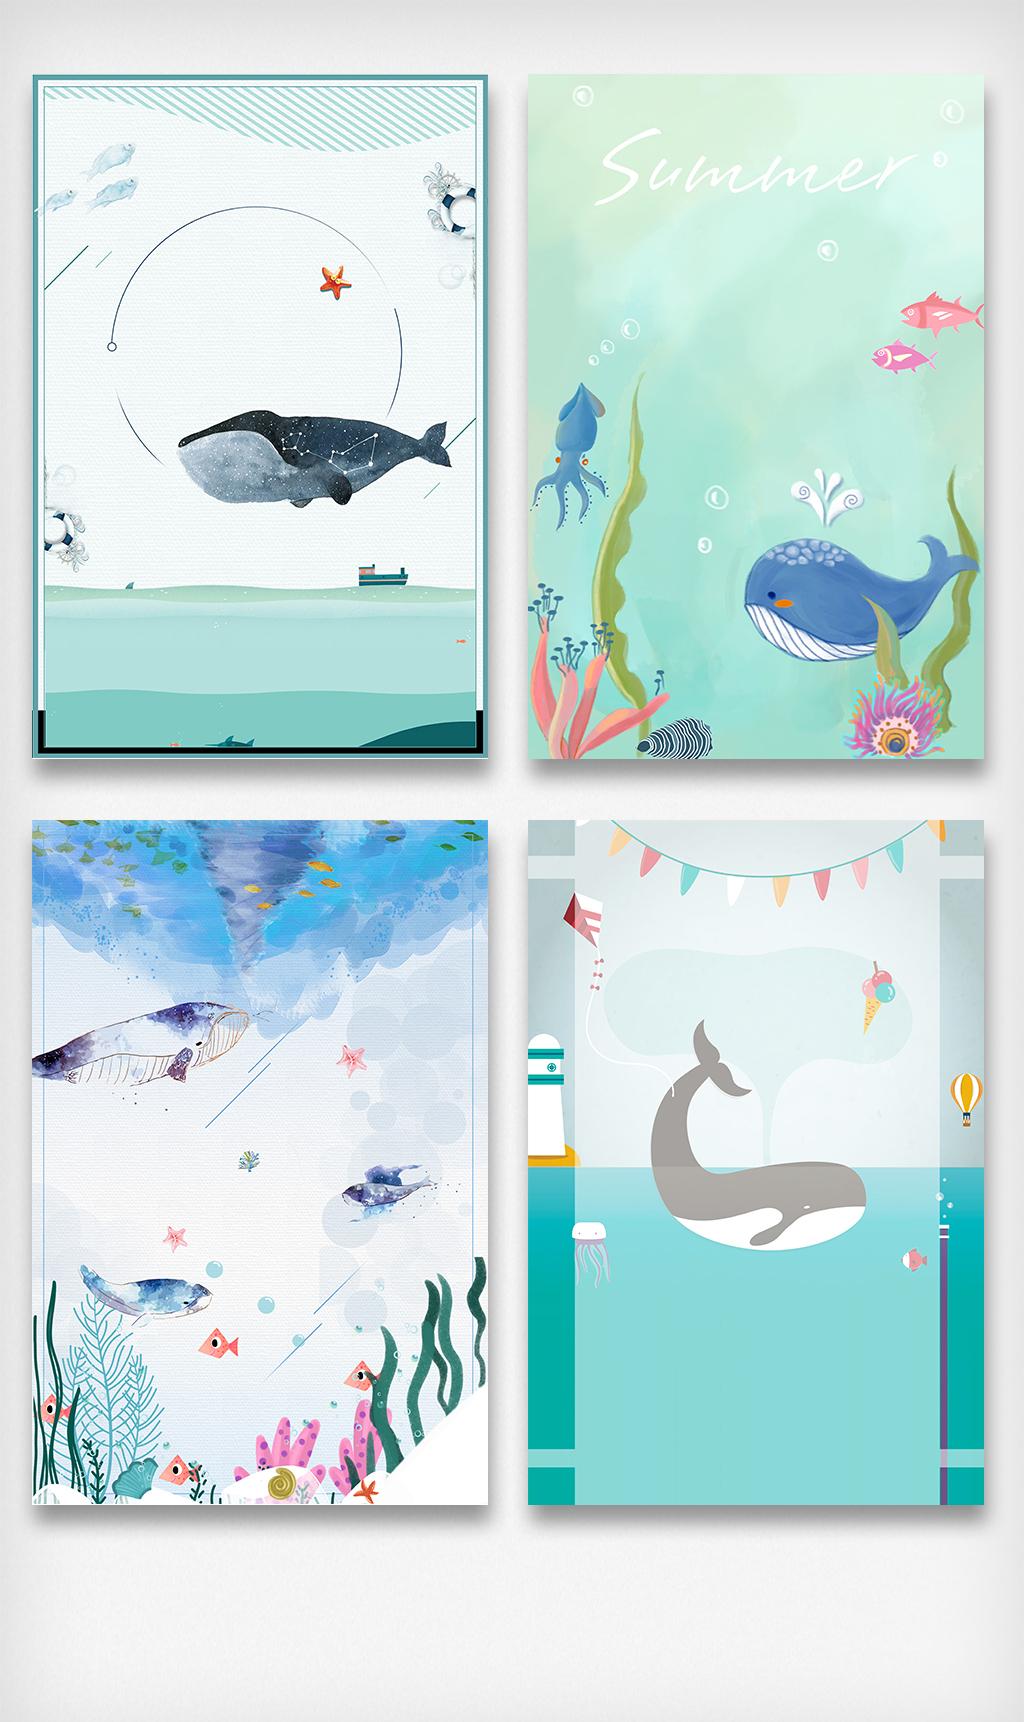 清新手绘风海洋世界夏季海报背景设计素材